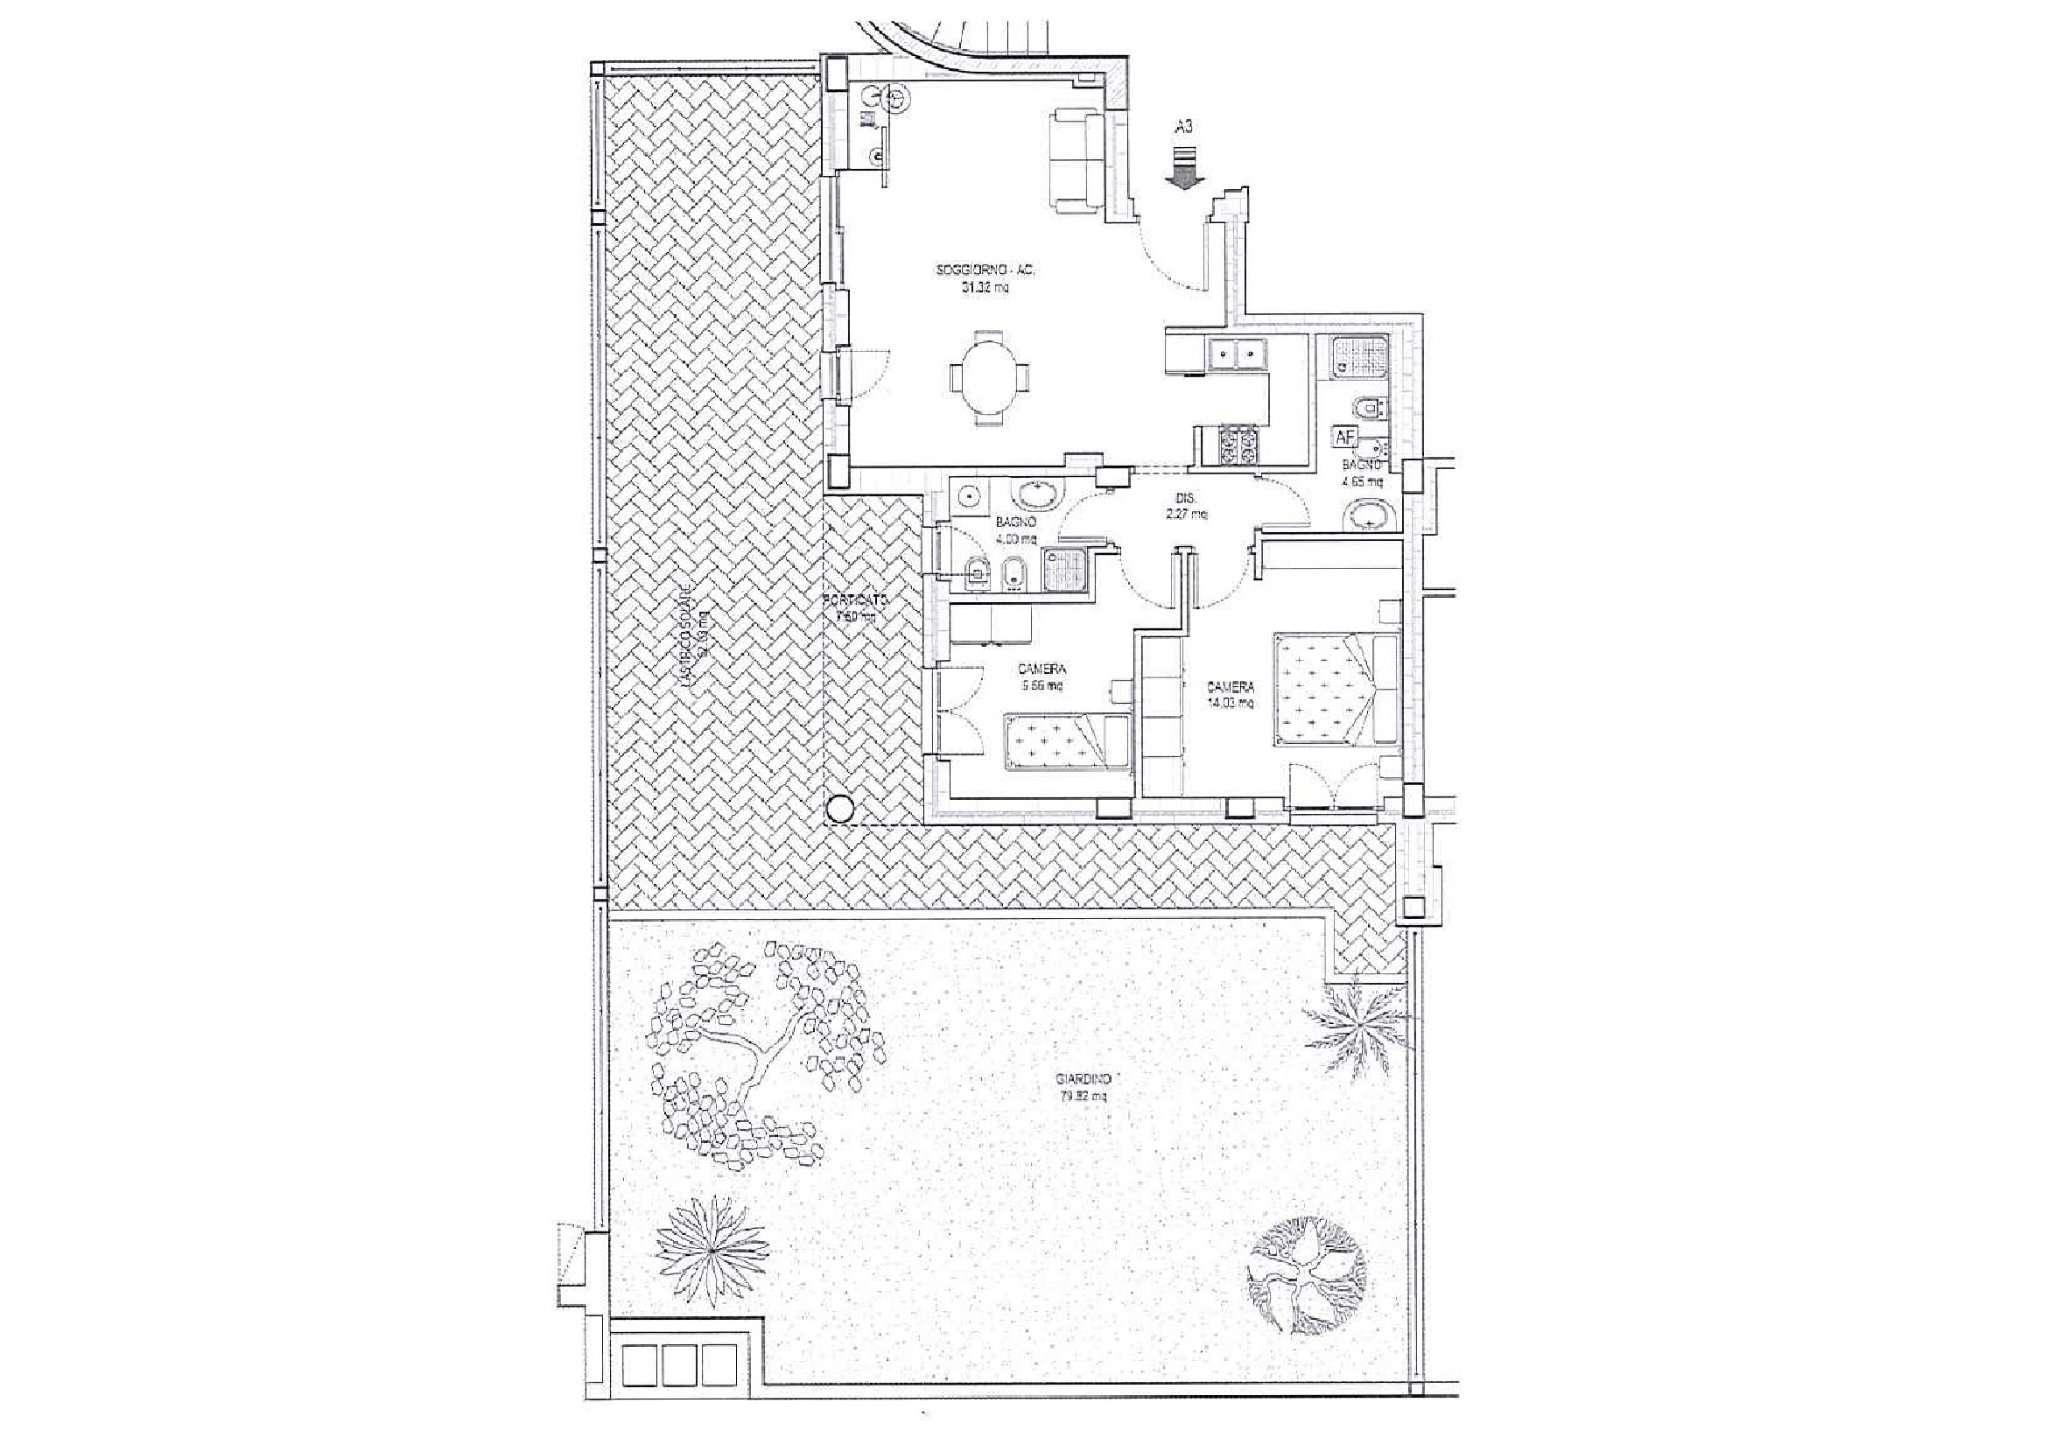 Appartamento in vendita a Ciampino, 3 locali, prezzo € 203.000   PortaleAgenzieImmobiliari.it